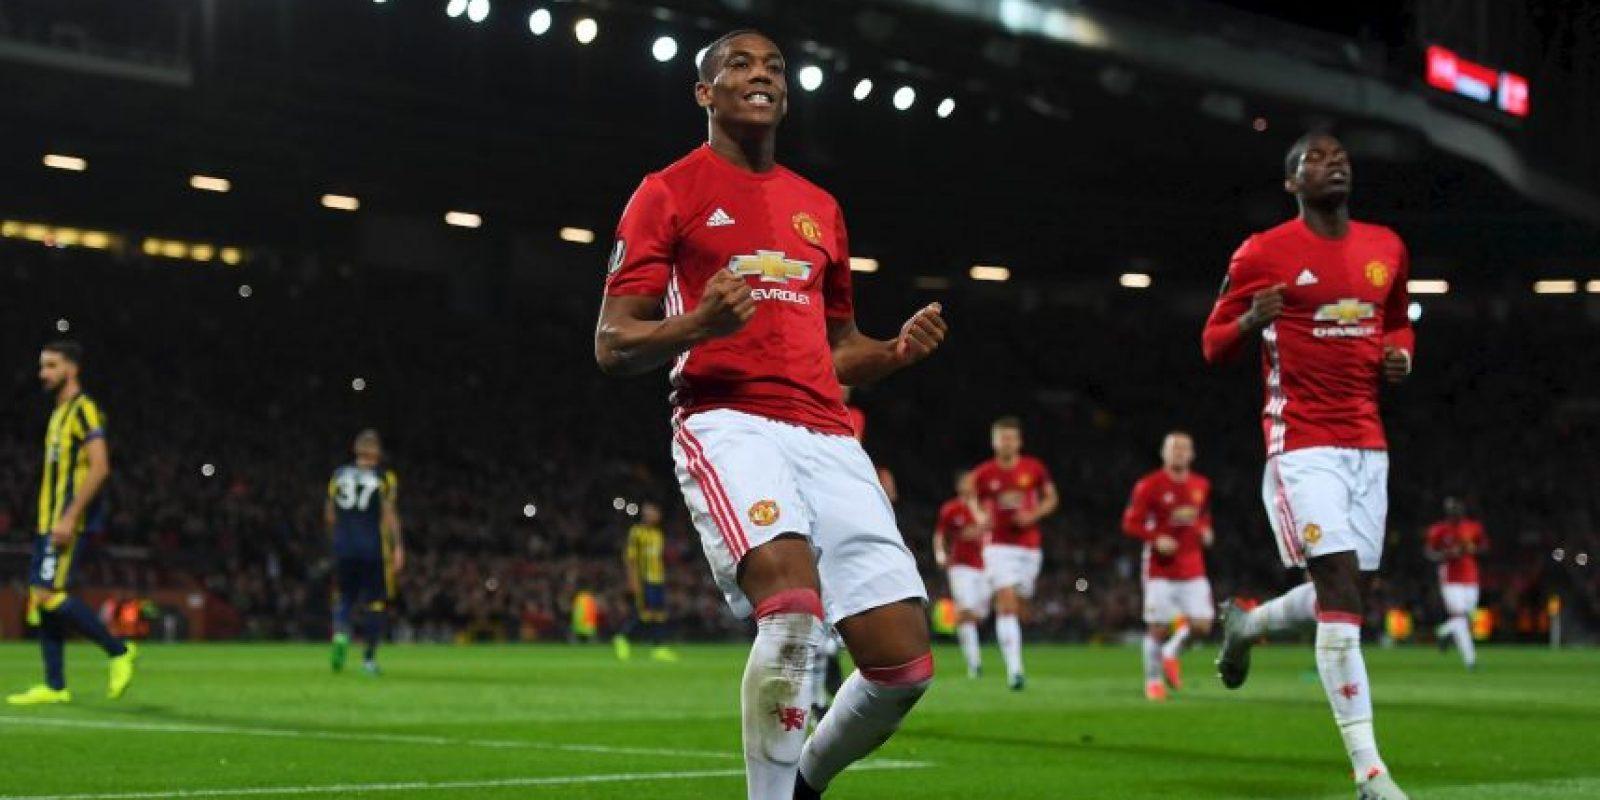 Antonhy Martial (mediocampista por izquierda) – Manchester United Foto:Getty Images